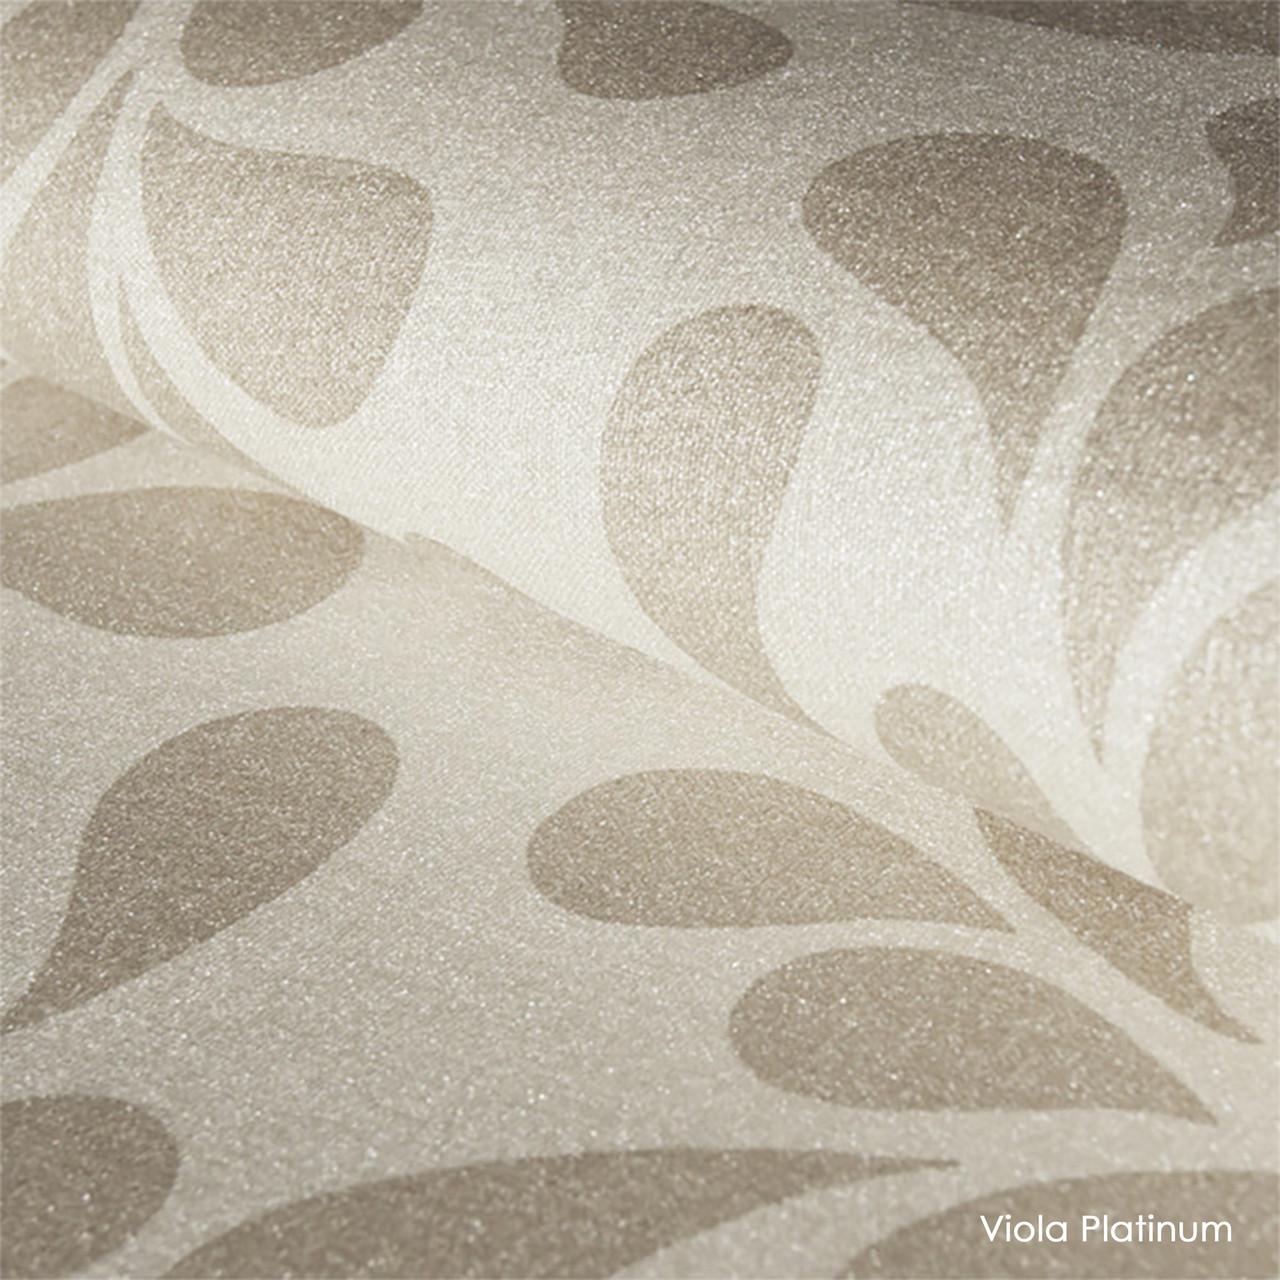 Viola Platinum